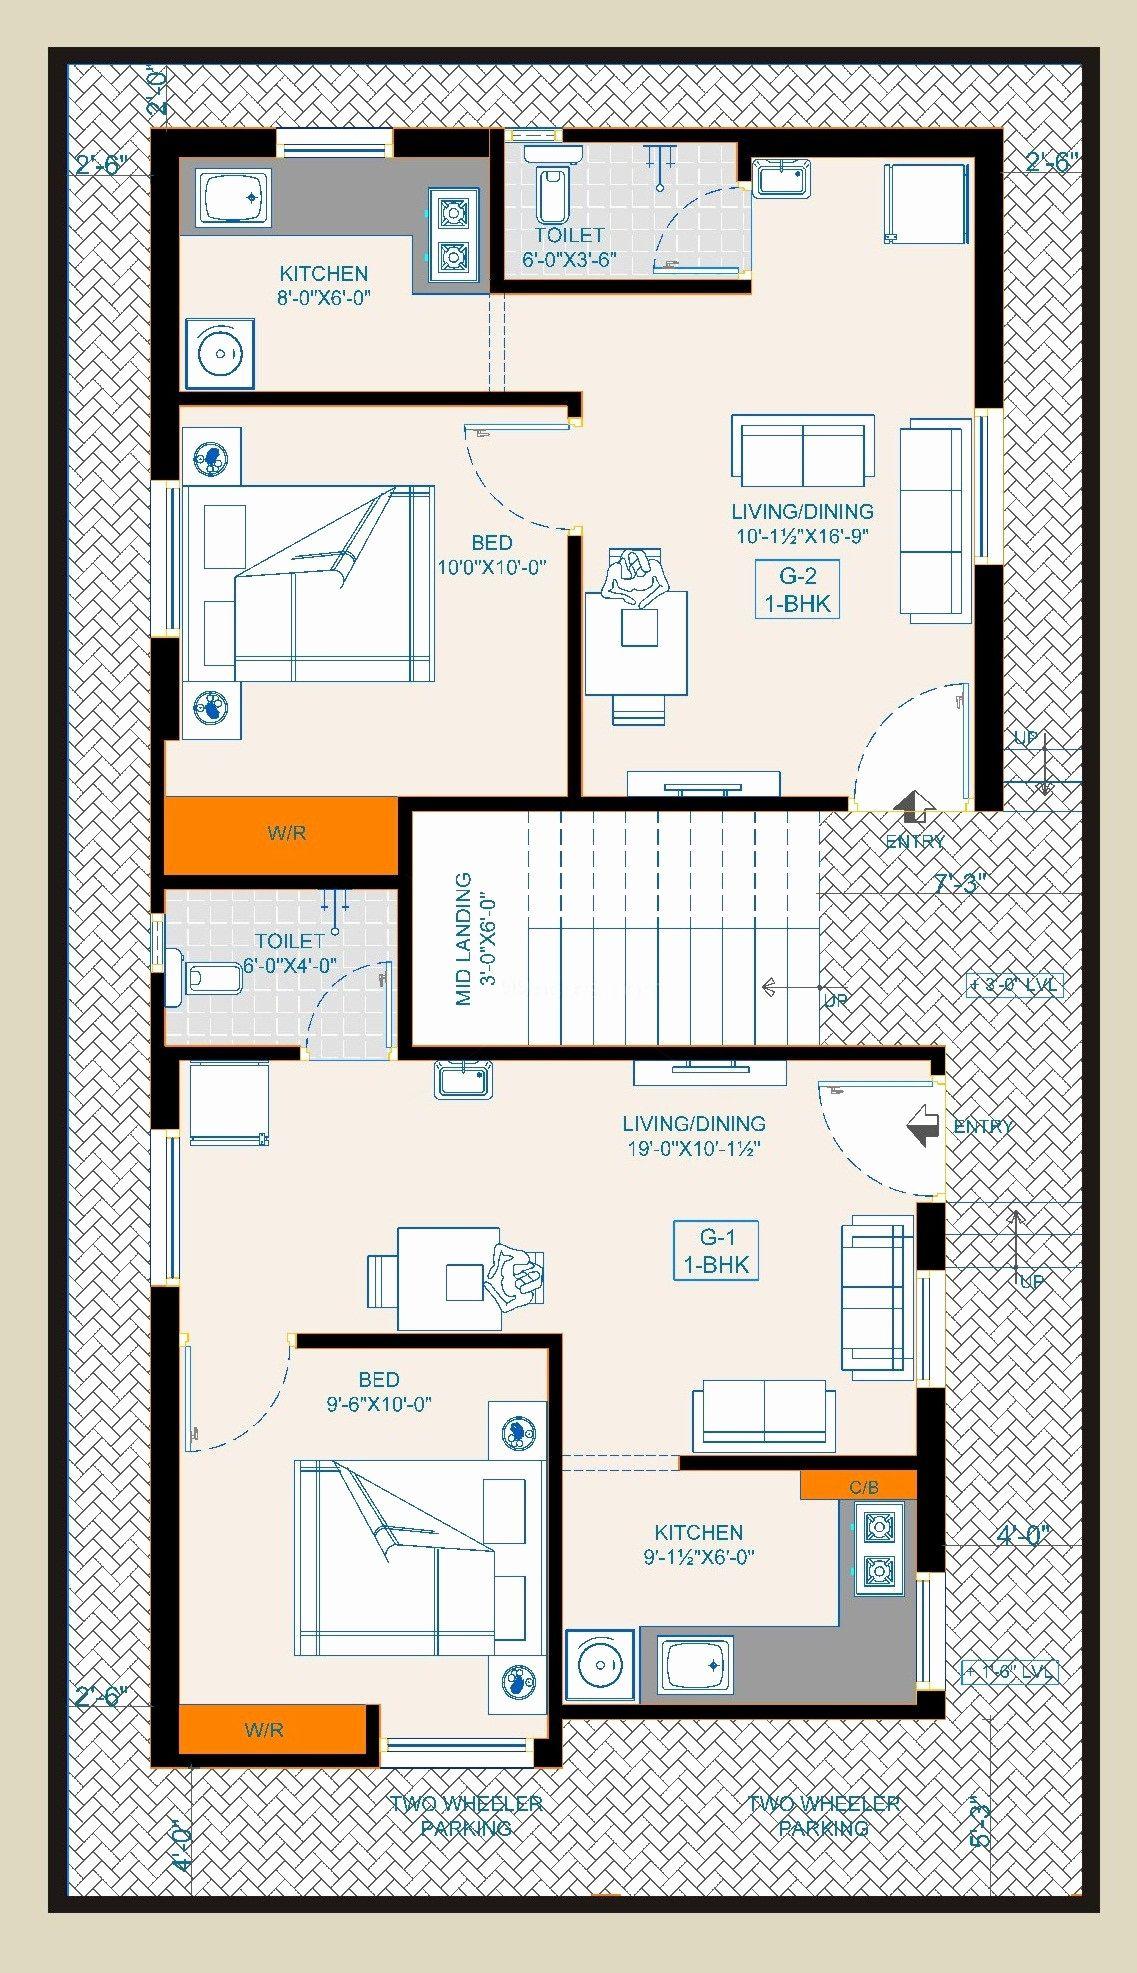 House plan sq ft plans fresh indian uk tiny also raju prajapati prajapatiraju on pinterest rh